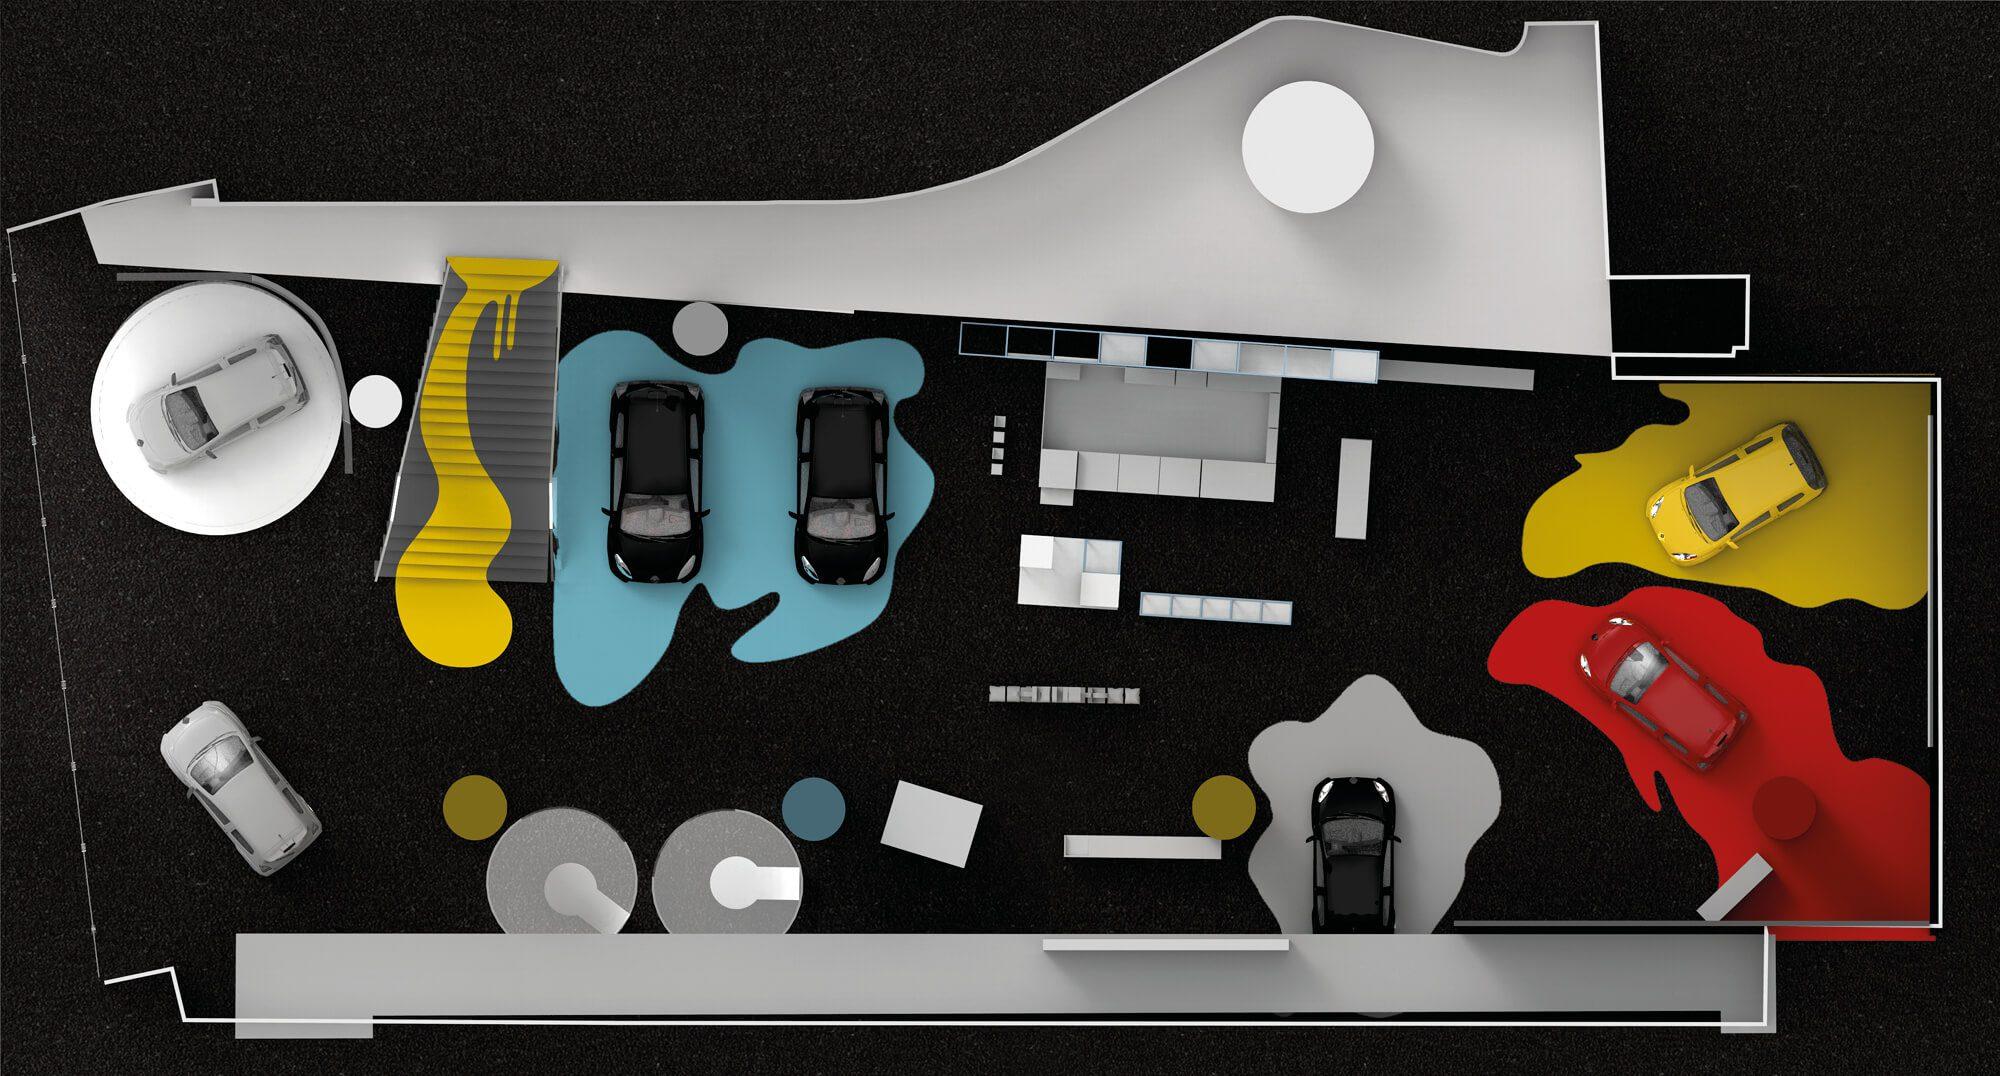 Des taches de peintures du sol au plafond… Ont transformé un lieu sage en atelier créatif envahi par la couleur